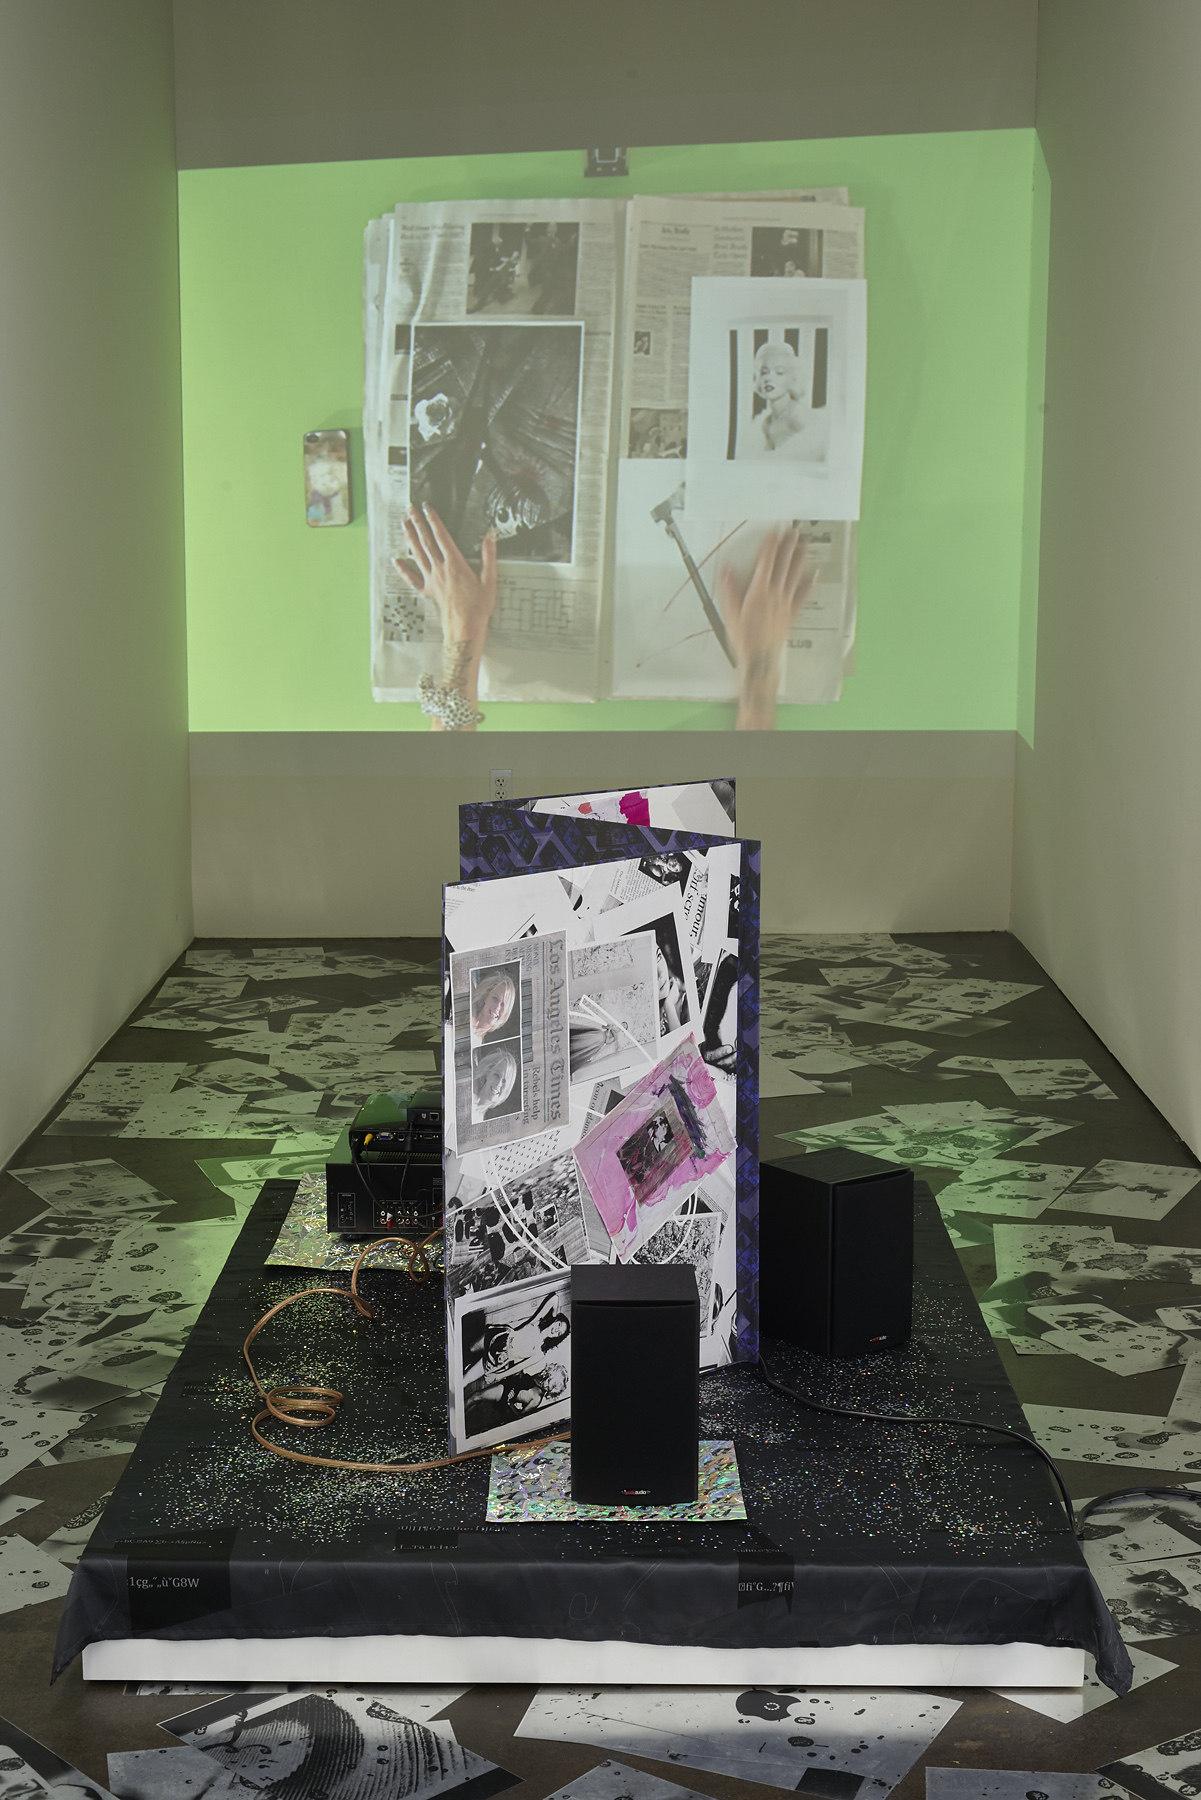 Mull_fused-space-Nov-2015_Theoretical-Children_Installation-view_medium-res-12